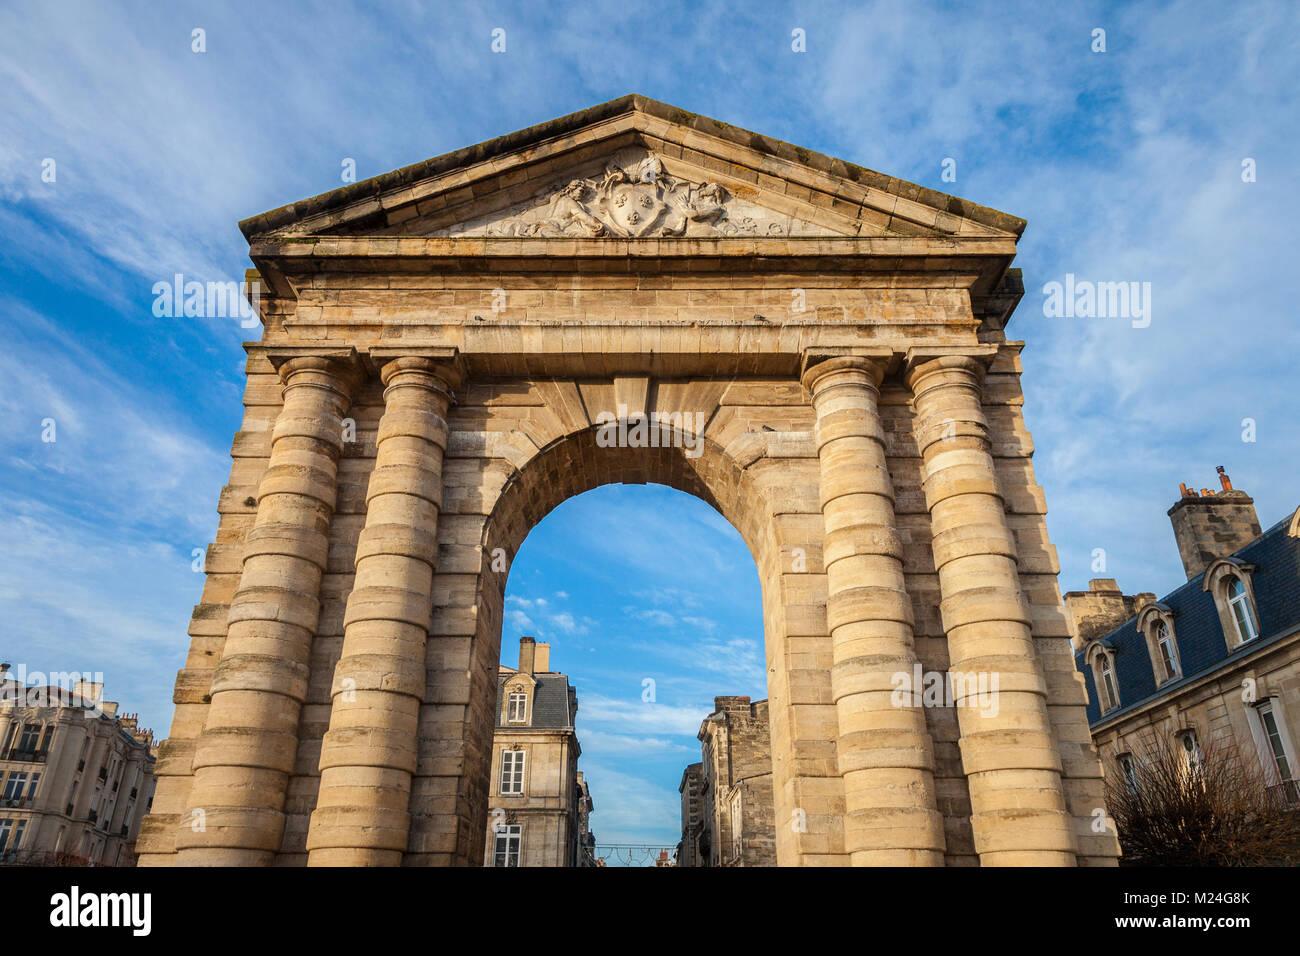 Porte d'Aquitaine (Aquitaine Gate) with its symbolic arch on Place de la Victoire Square in Bordeaux, France. - Stock Image